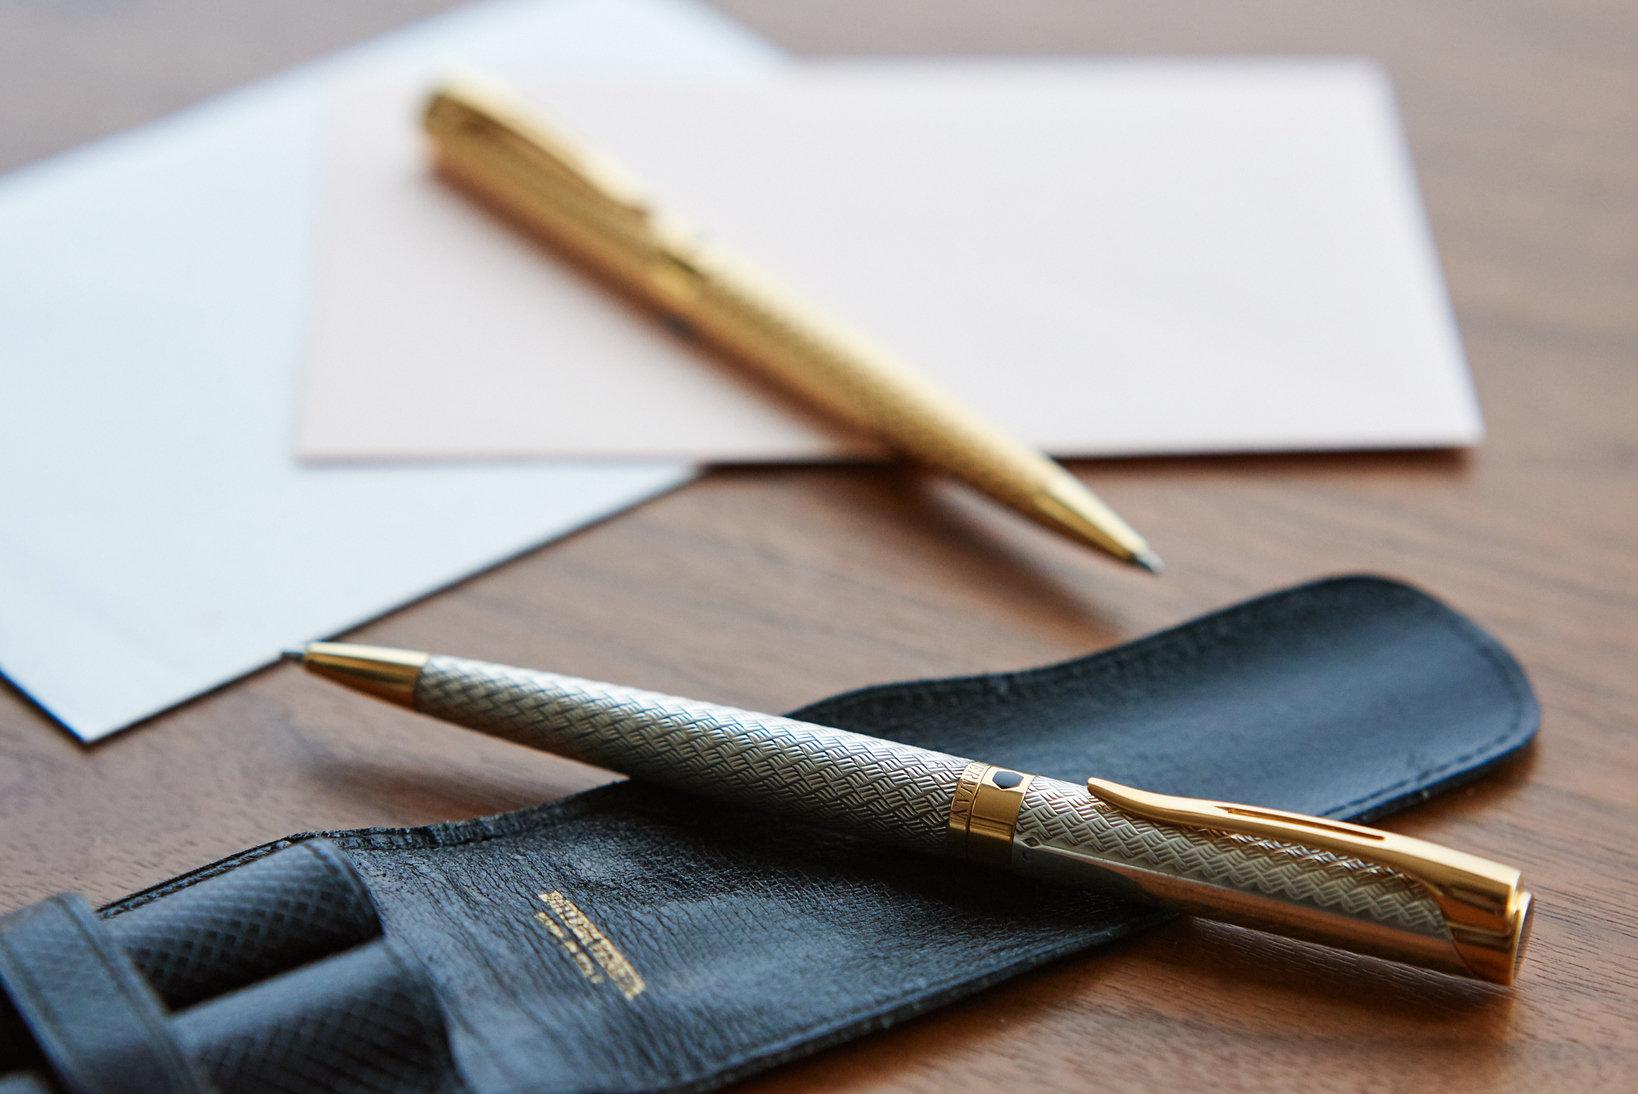 「レタロン」のスターリングシルバーとゴールドプレートのボールペン。御守りがわりに金と銀とペアで持ち歩くことが多い。1990年代半ばに購入。